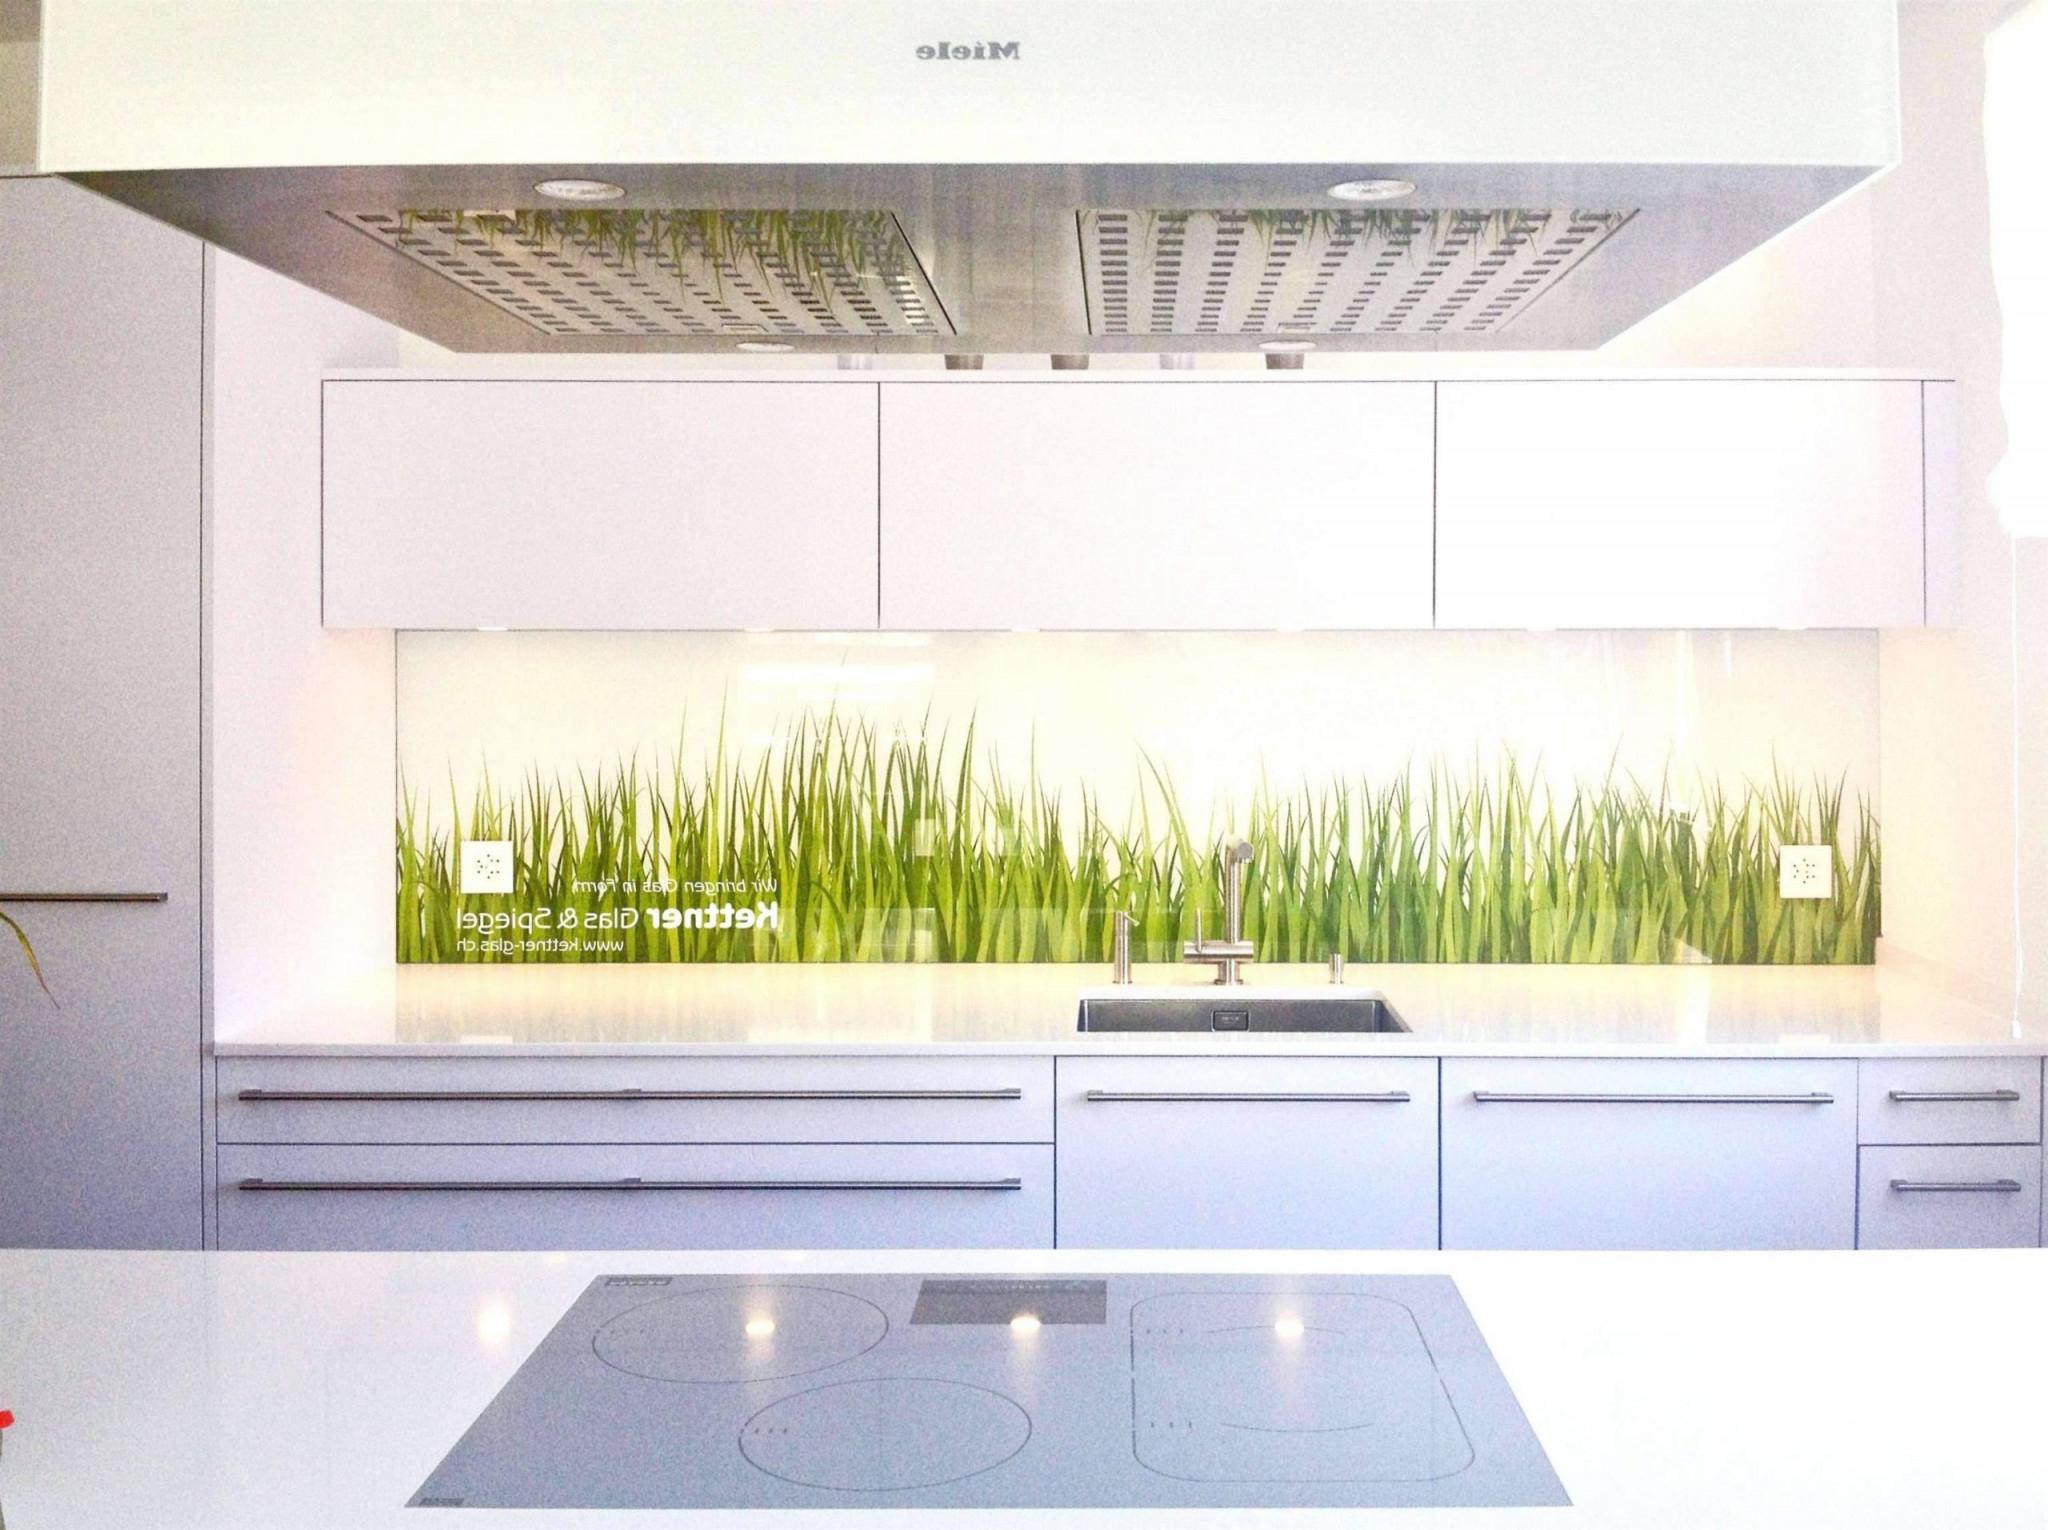 Pflanze Wohnzimmer Inspirierend Pflanzen Wohnzimmer Ideen von Pflanzen Im Wohnzimmer Ideen Bild